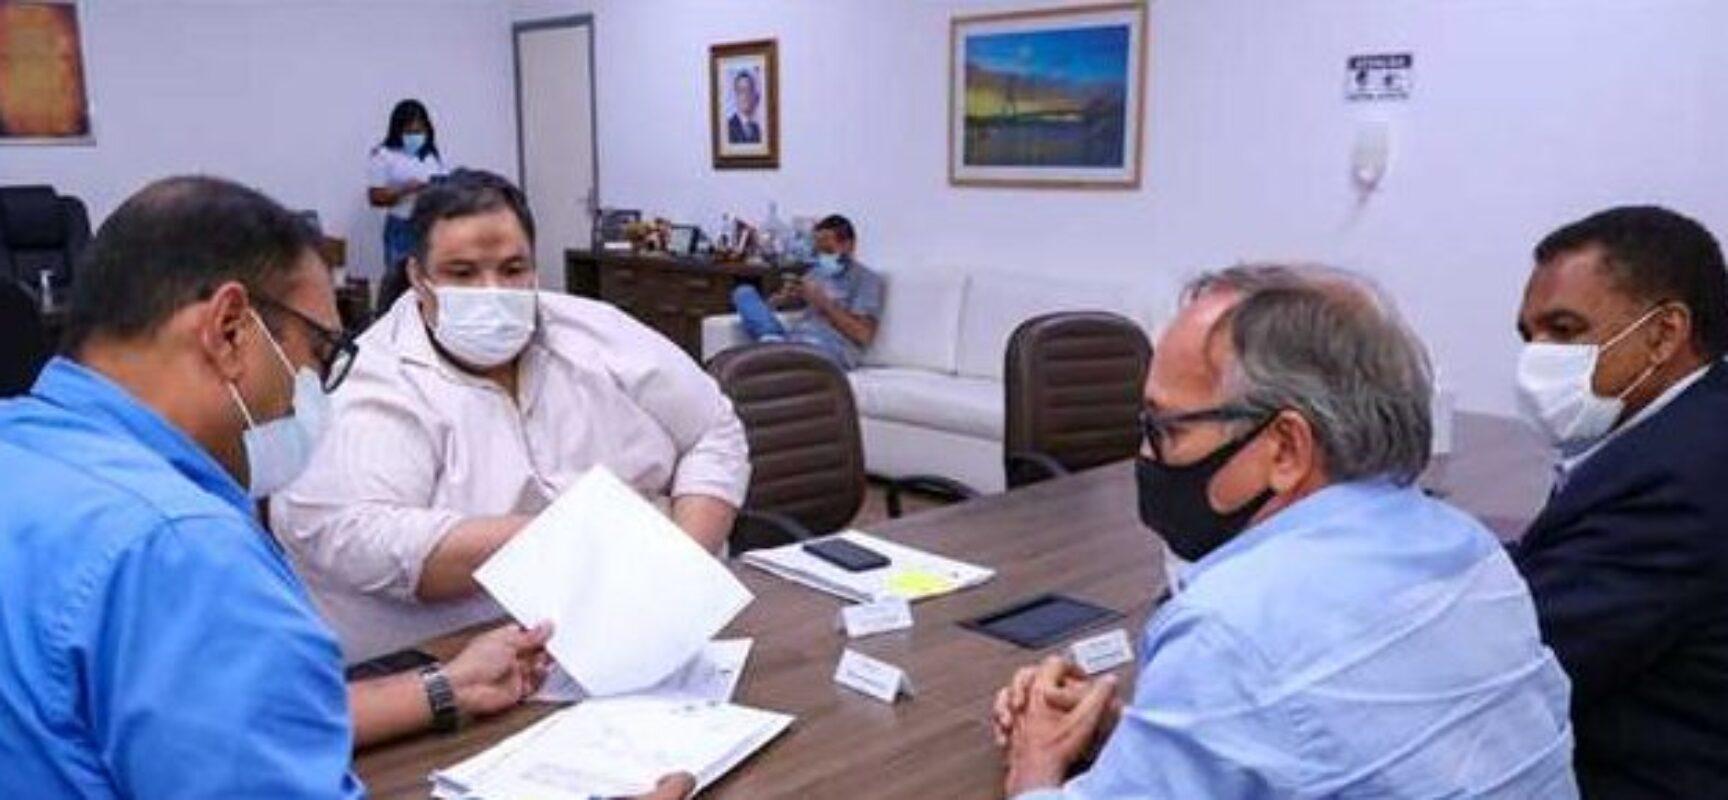 ILHÉUS: Prefeito Mário Alexandre recebe ZPE Bahia para retomada das atividades após novo marco legal